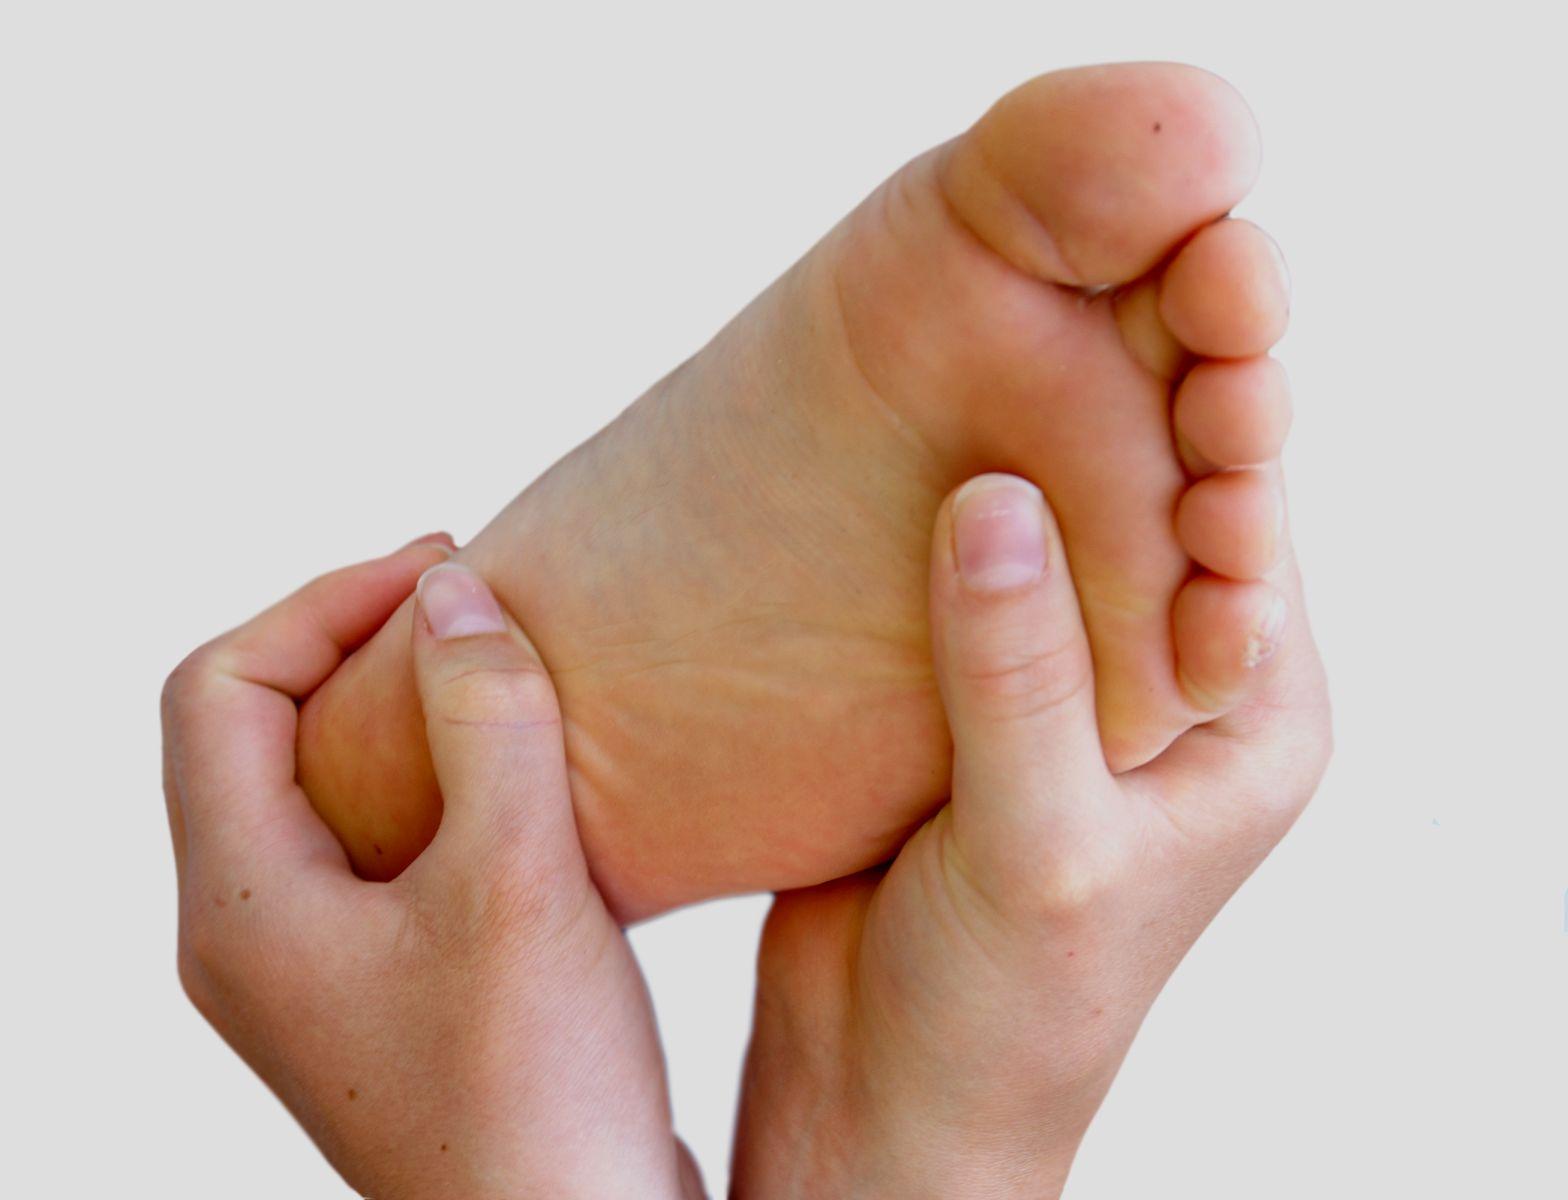 Fuß-Reflexzonen-Massage - Anwendung, Einsatzgebiete - Gesundmed ...